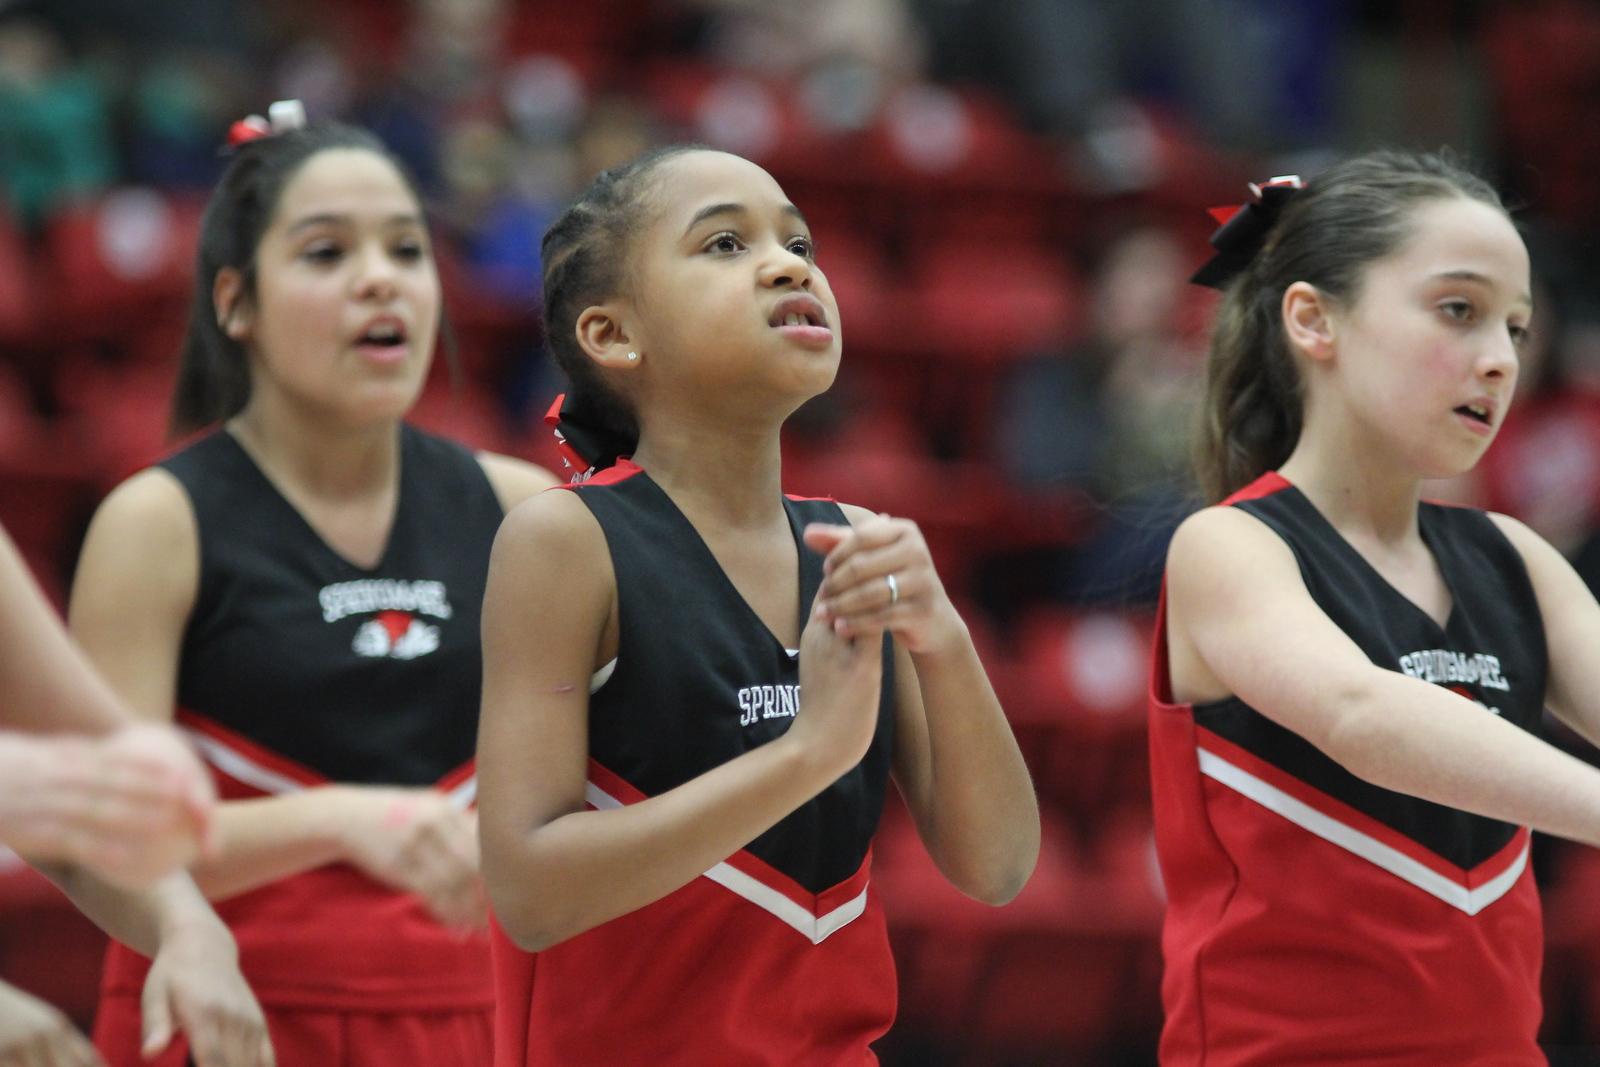 Cheerleaders from Springmore Elementary School performed during halftime.